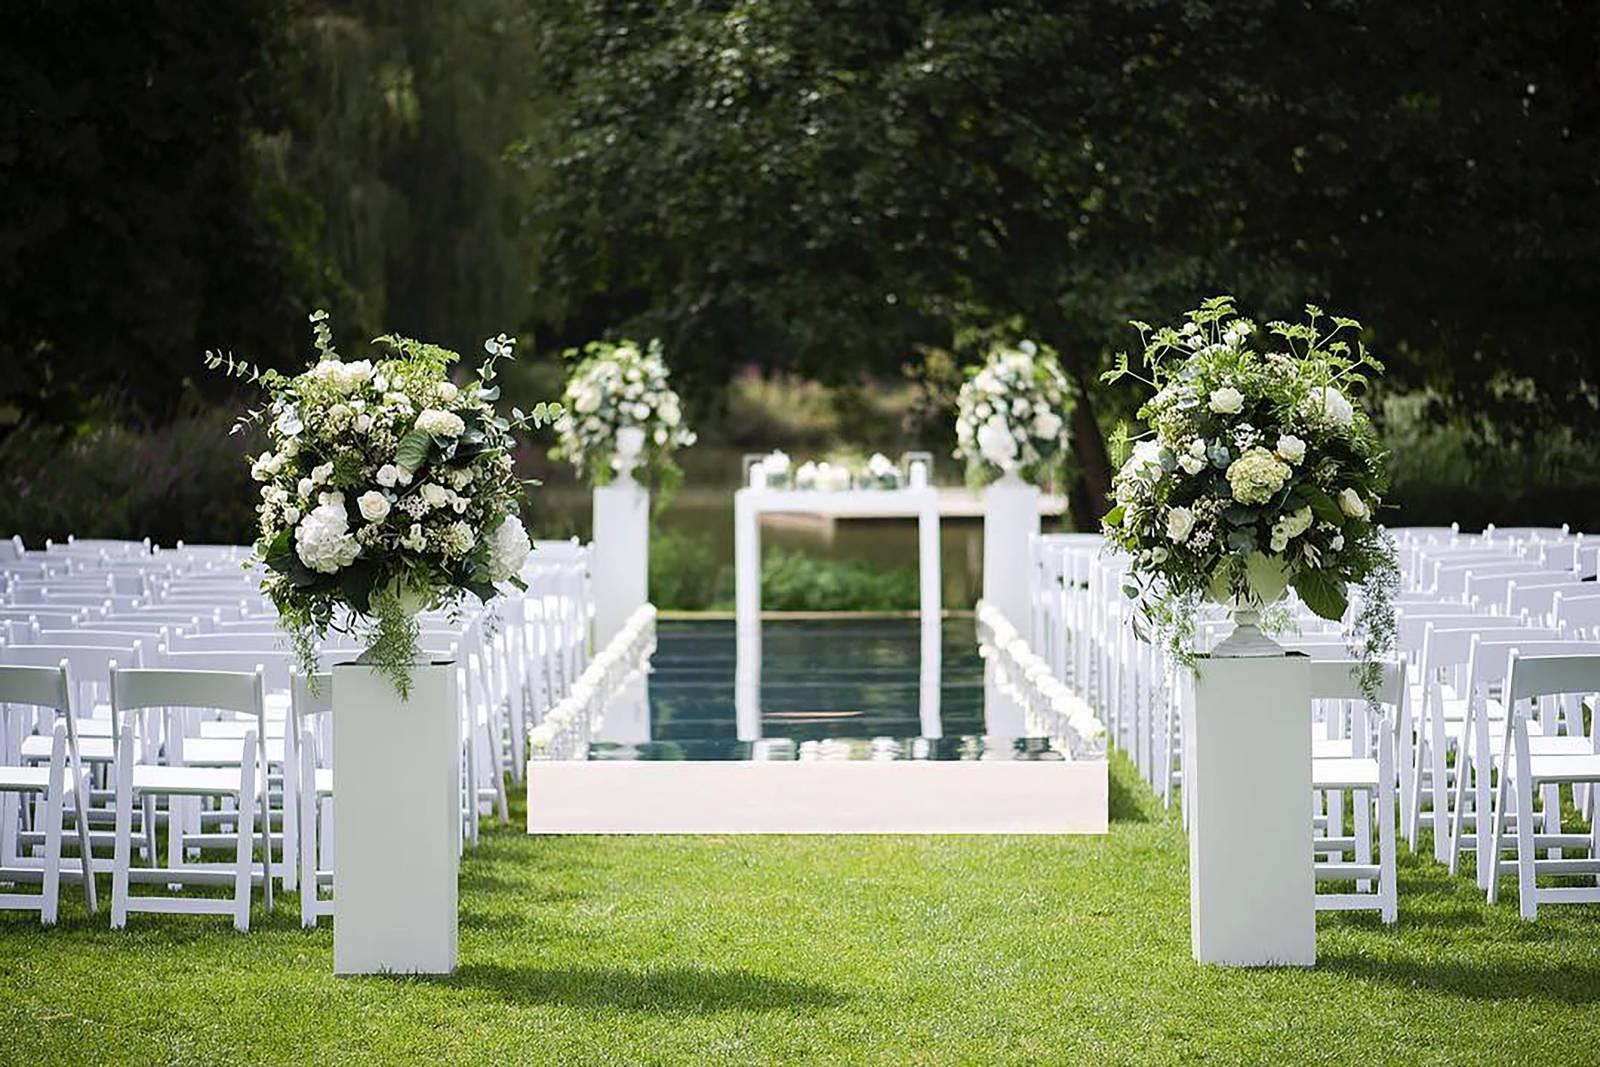 Floral Artists - Bloemen huwelijk trouw bruiloft - Bruidsboeket - Bloemendecoratie - House of Weddings - 27